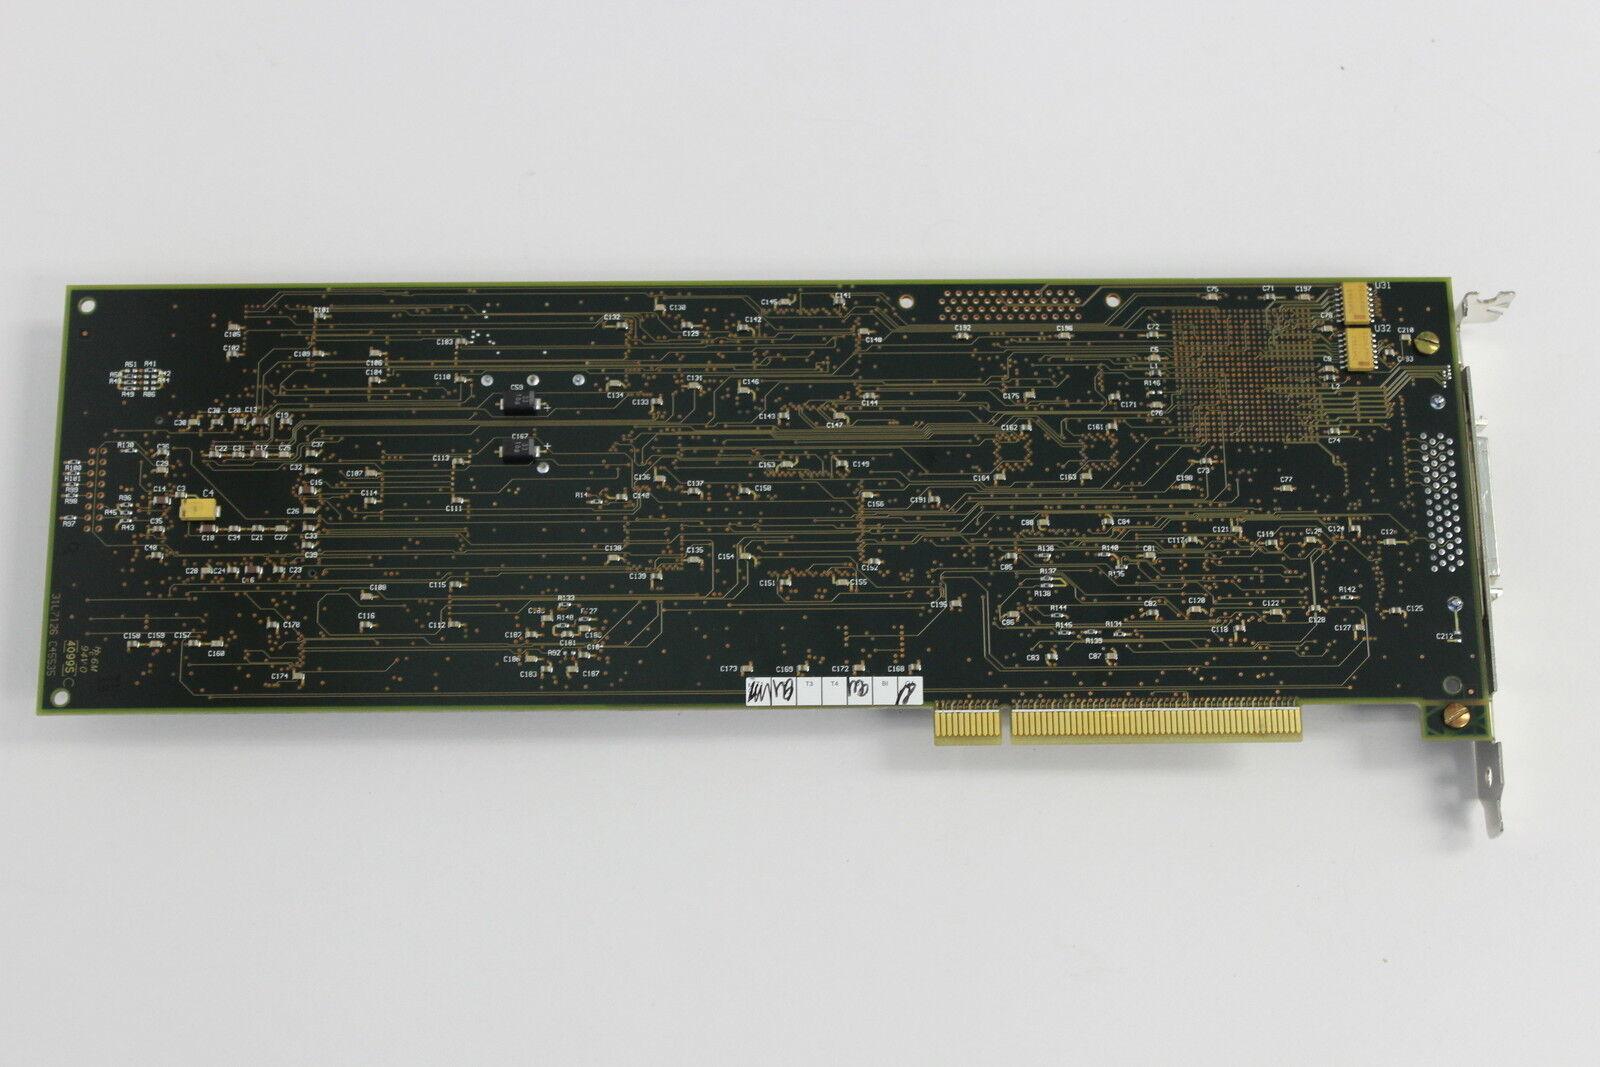 IBM 31L8495 PCI SCSI CONTROLLER 6-F 31L7128 TB3PCI TYPE 6-F WITH WARRANTY